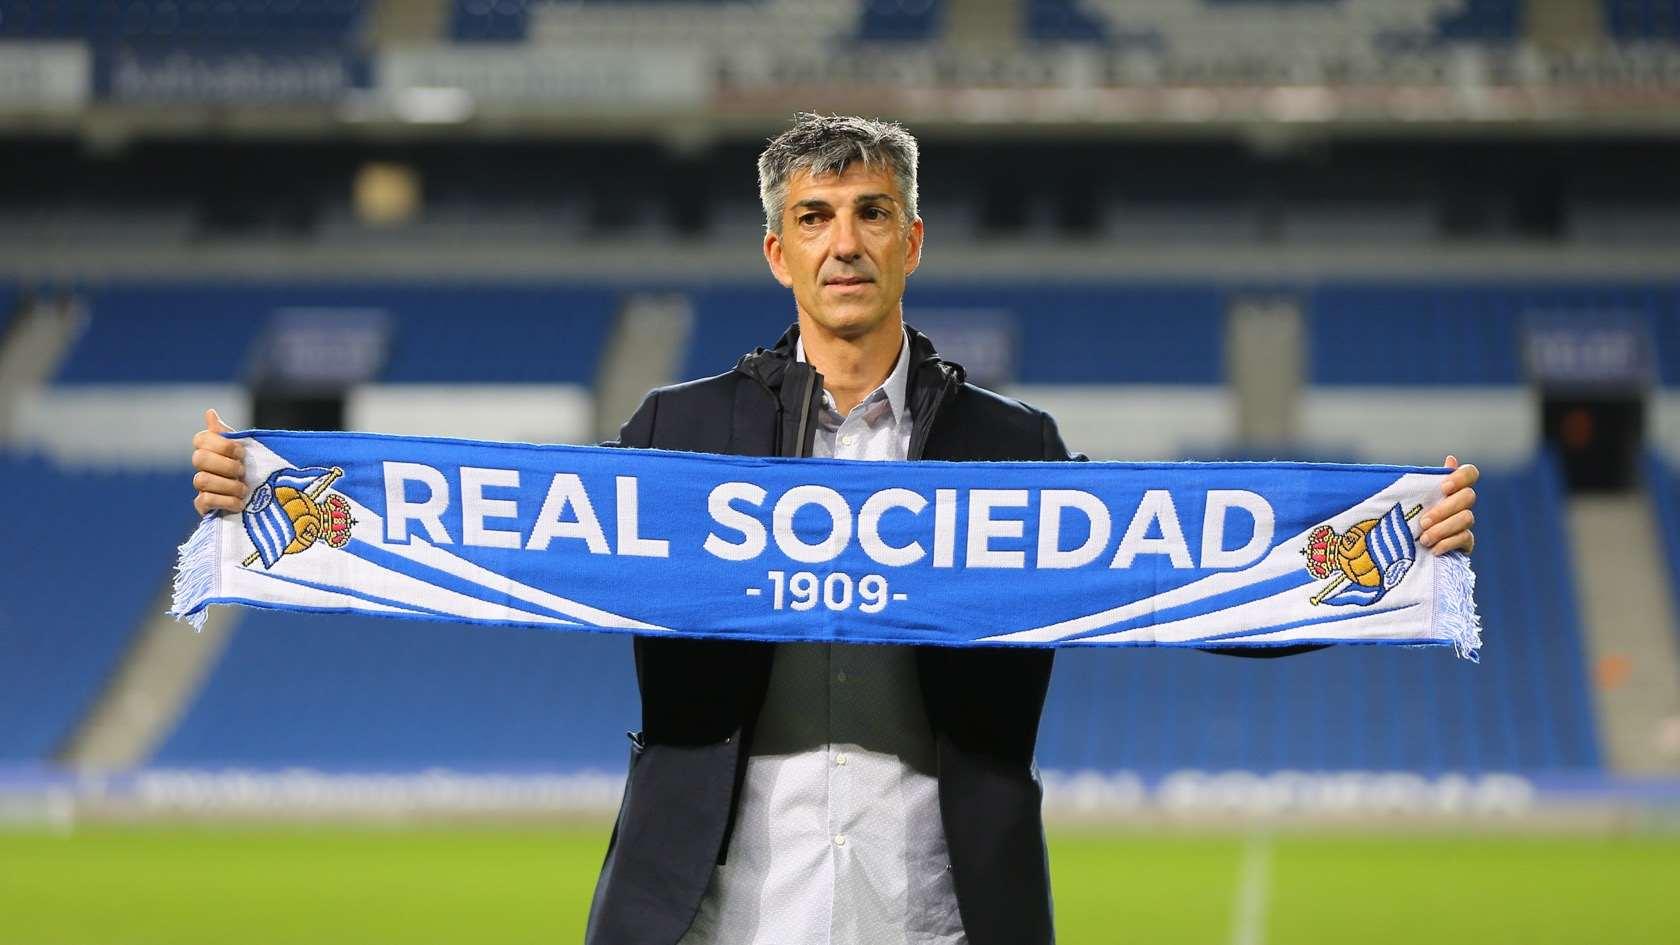 La Real Sociedad selon Imanol Alguacil : relancer